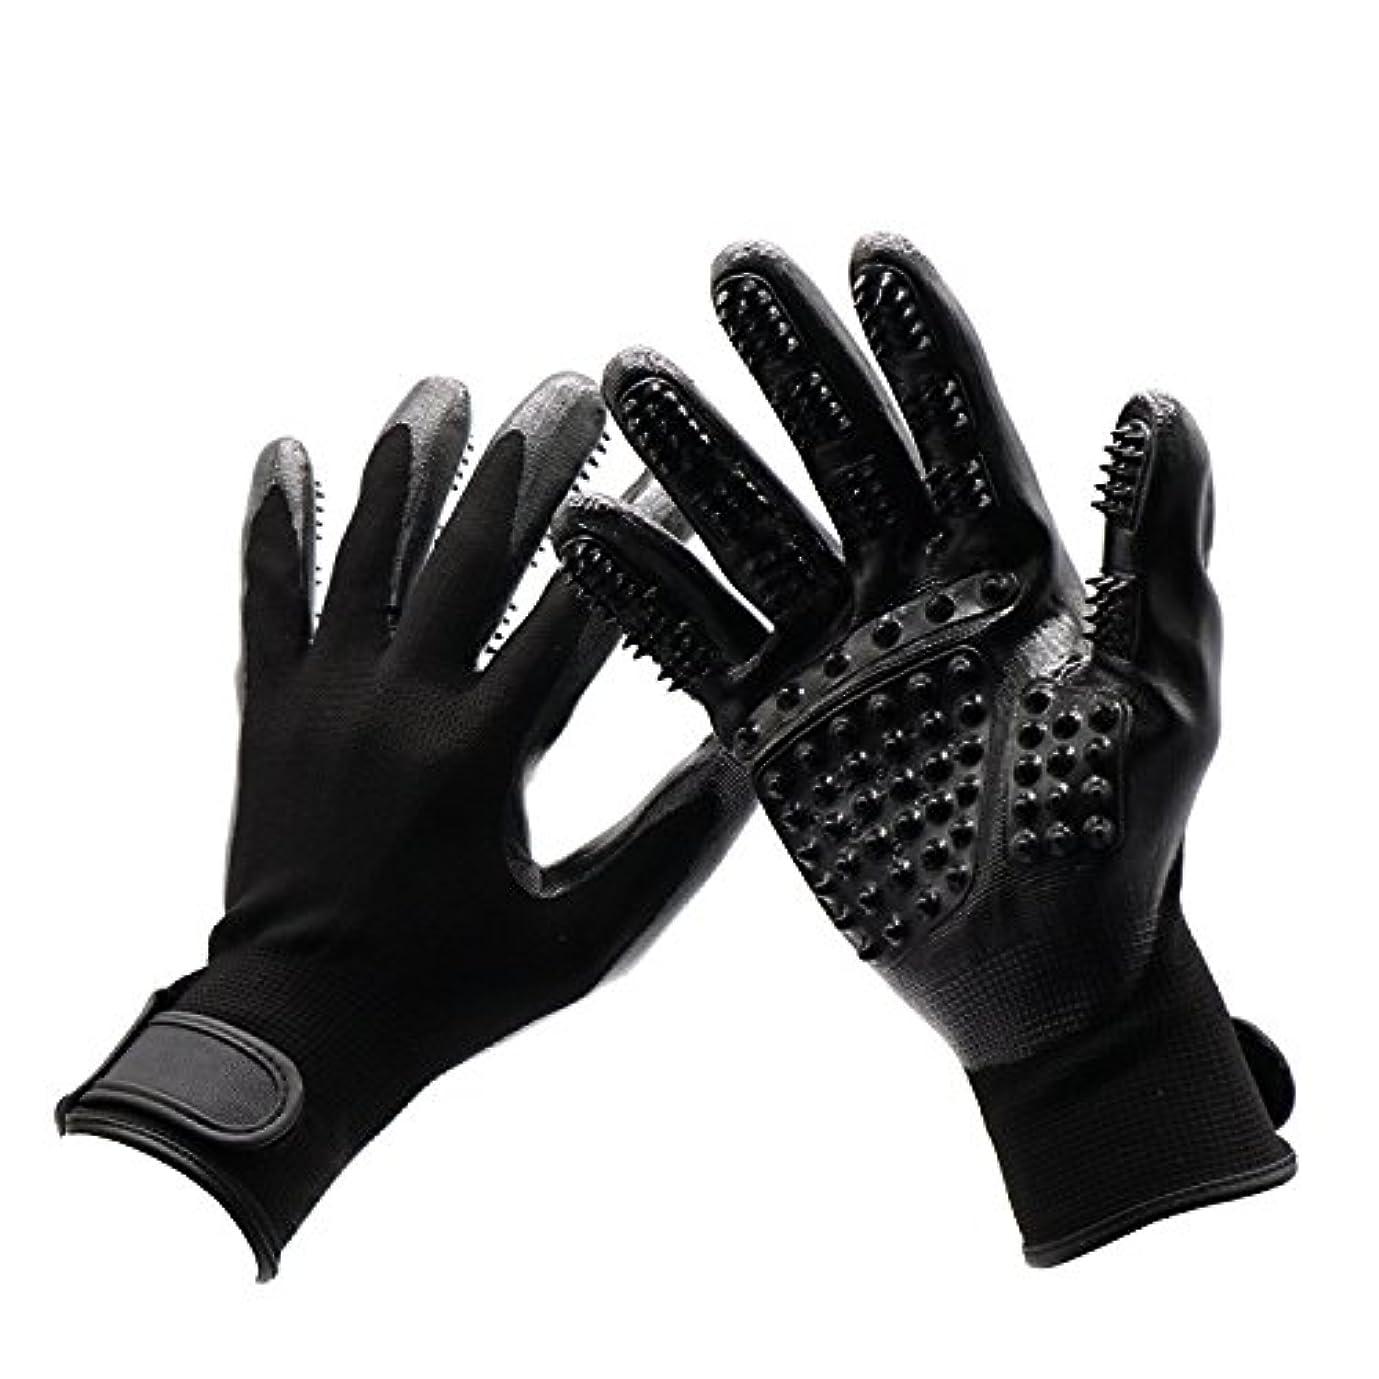 美徳正しく貫通するBTXXYJP 手袋 ペット ブラシ 猫 ブラシ グローブ クリーナー 抜け毛取り マッサージブラシ 犬 グローブ ペット毛取りブラシ お手入れ (Color : Black, Size : L- 9.6*5.5in)